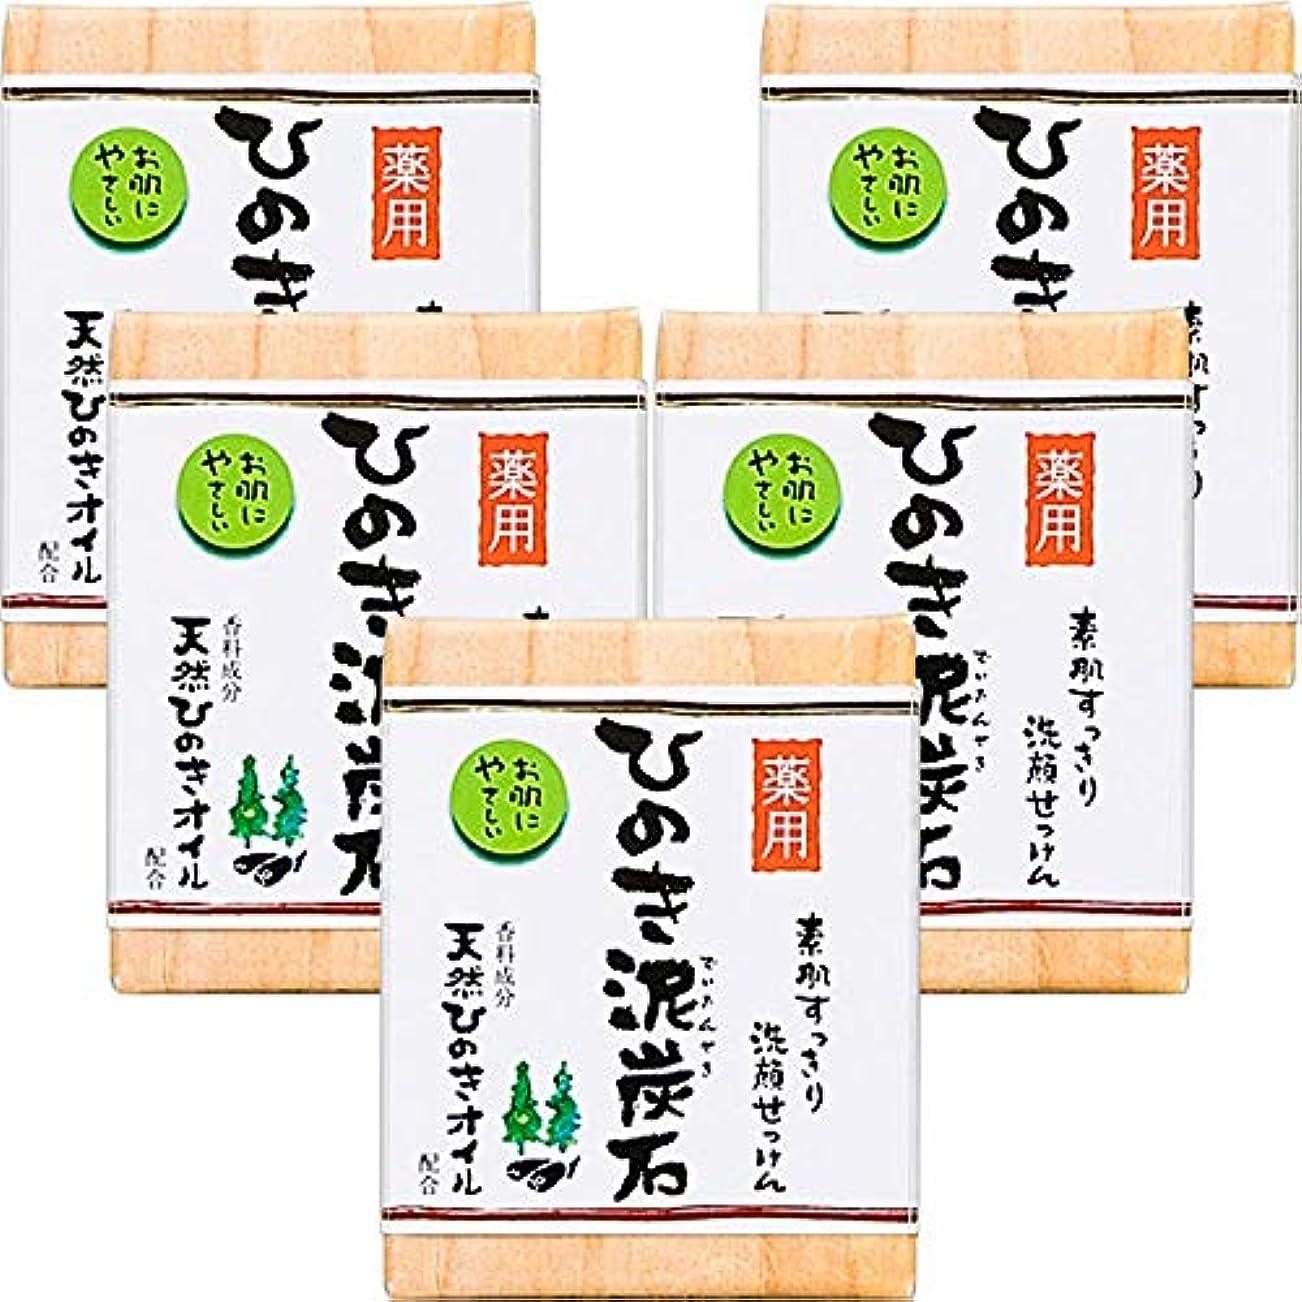 送料石の誇張する薬用 ひのき泥炭石 (75g×5個) 洗顔 石けん [天然ひのきオイル配合] 肌荒れ防止